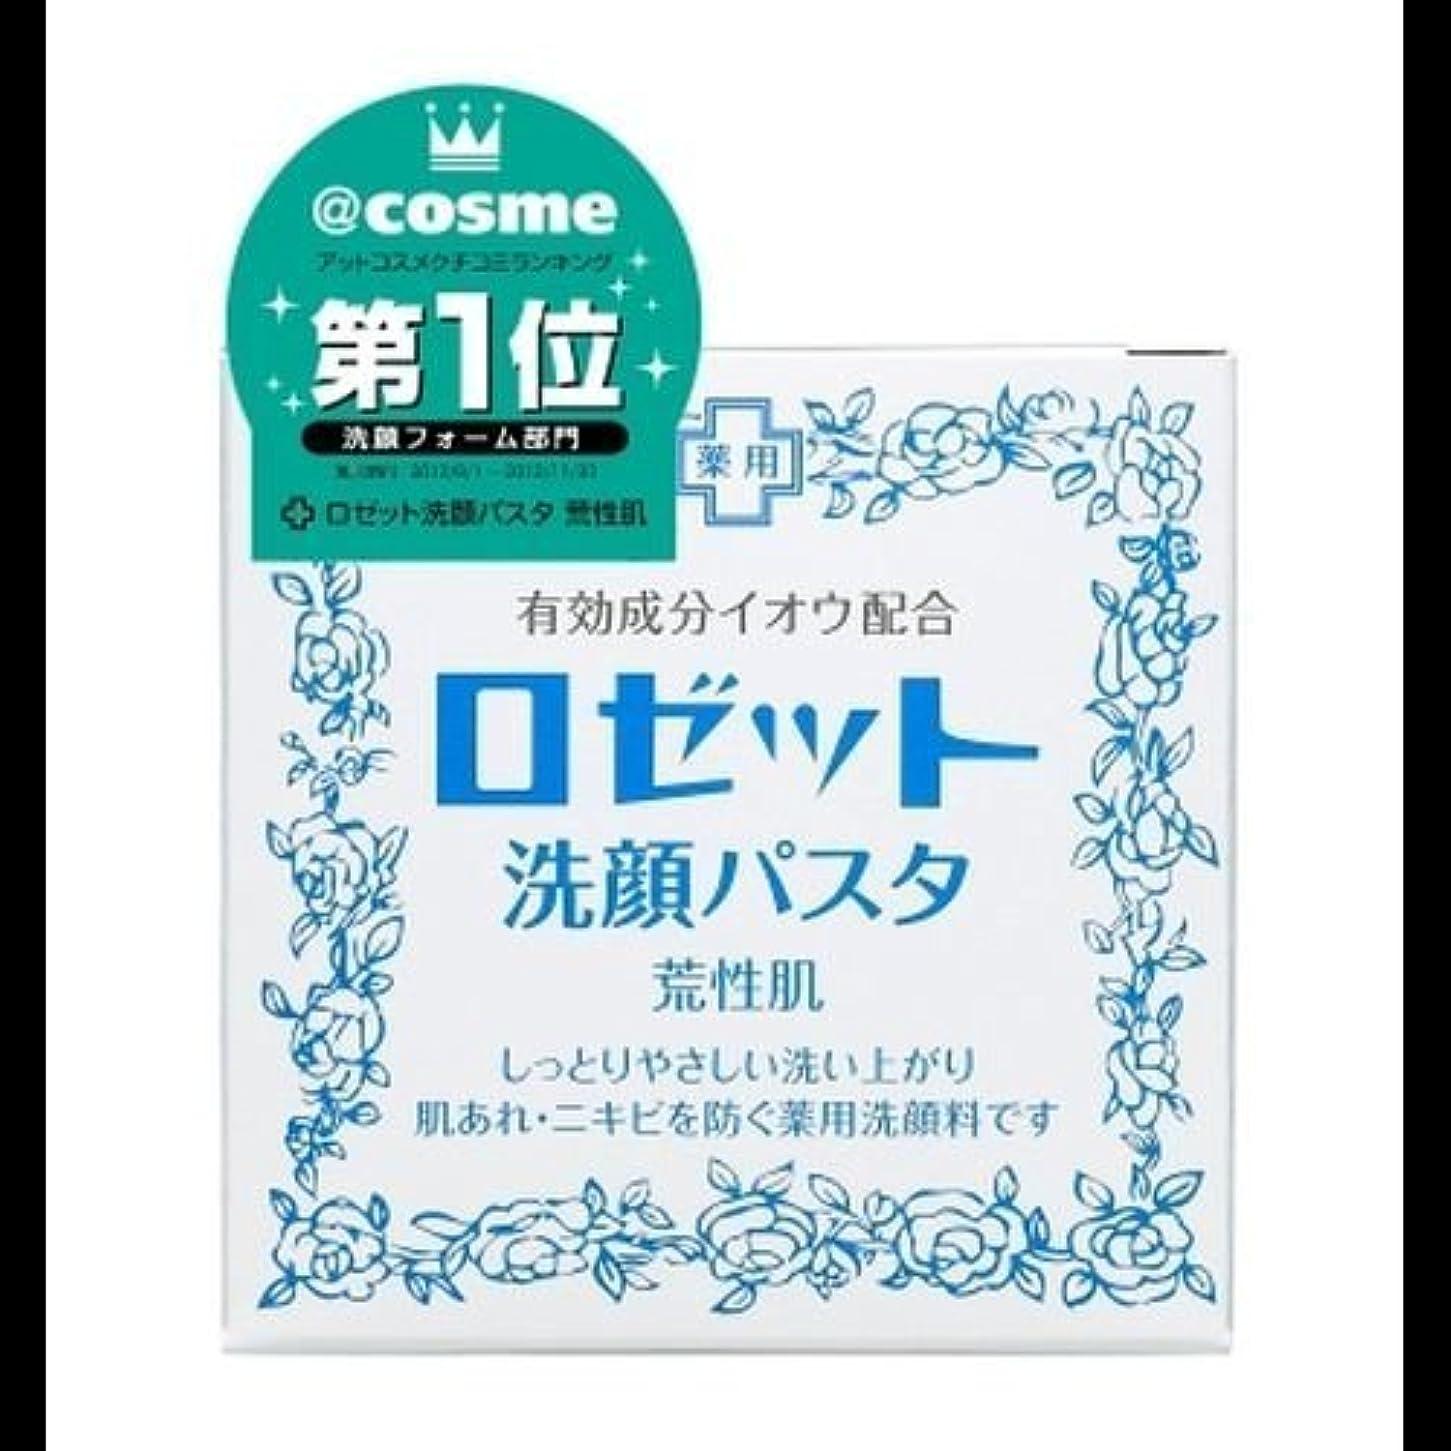 ハーネス失業擁する【まとめ買い】ロゼット 洗顔パスタ 荒性90g ×2セット